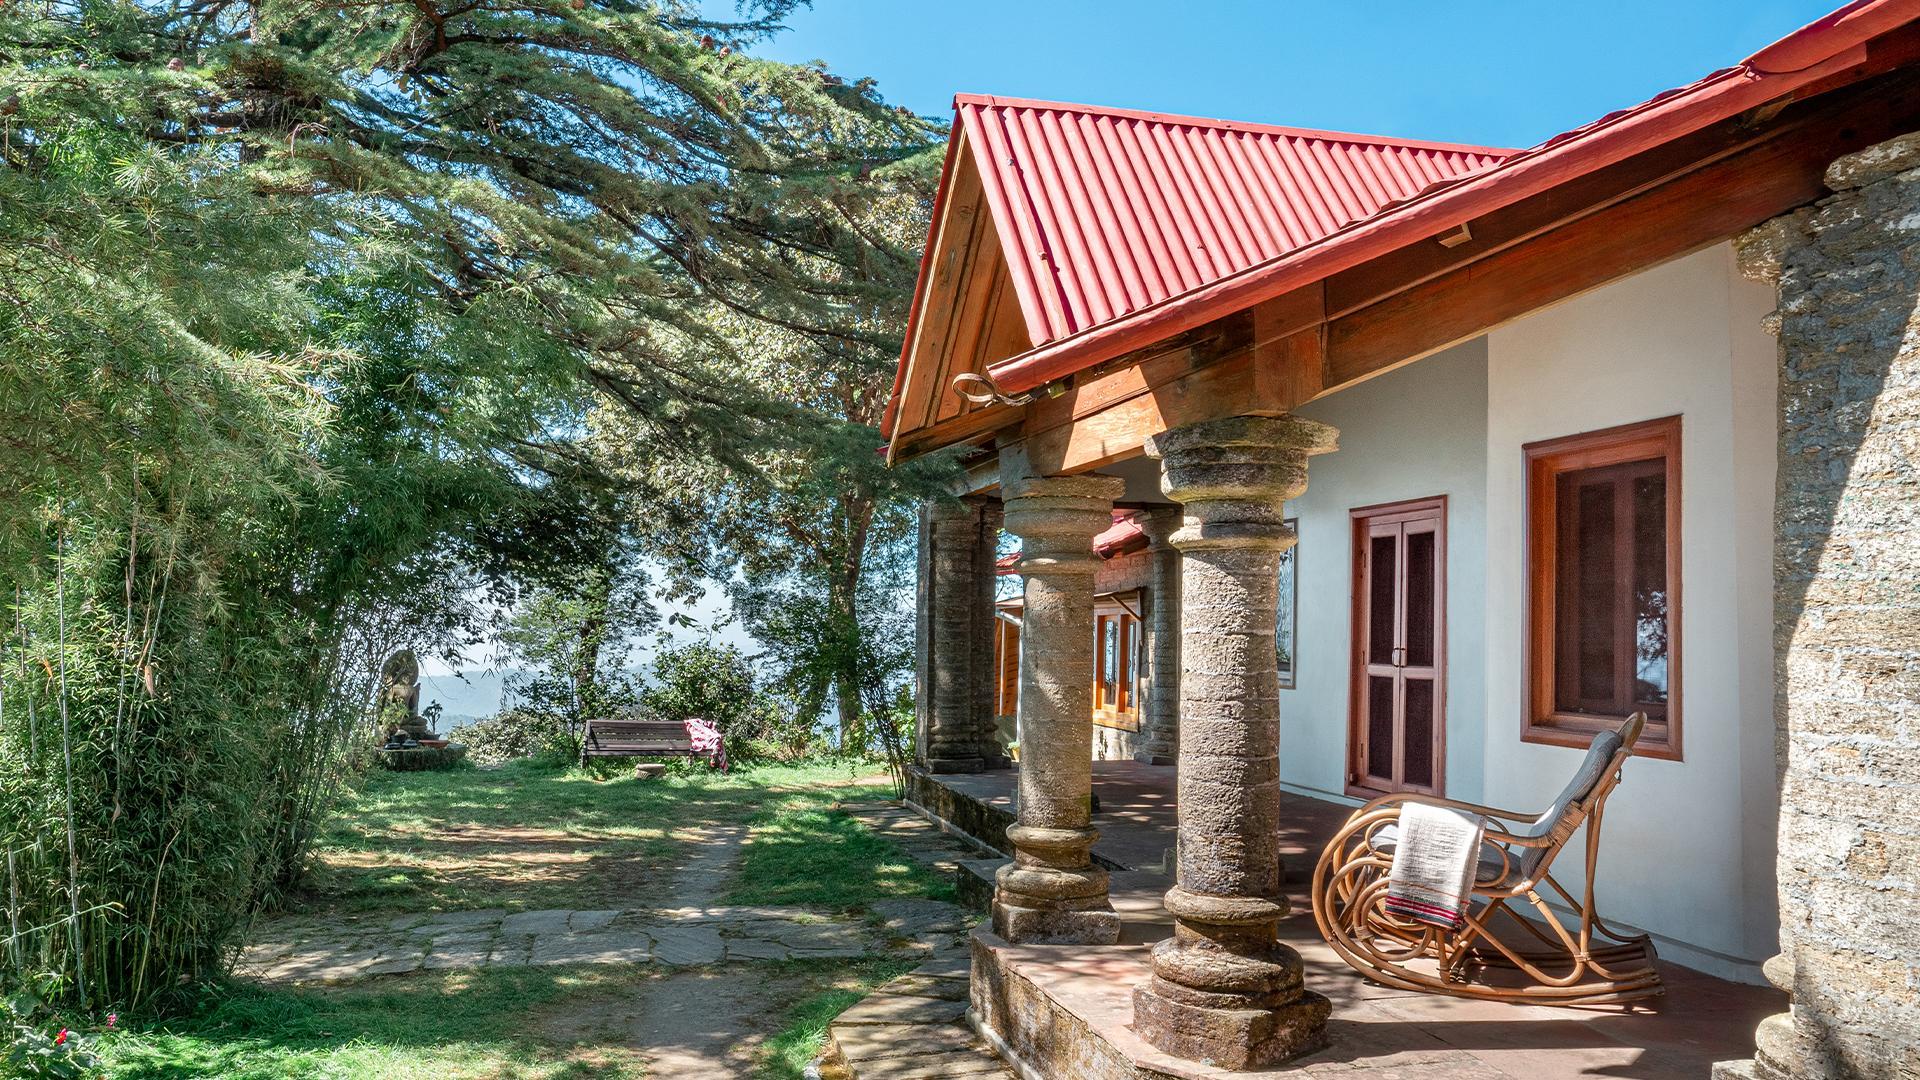 Cottage image 1 at Mary Budden Estate by Almora, Uttarakhand, India